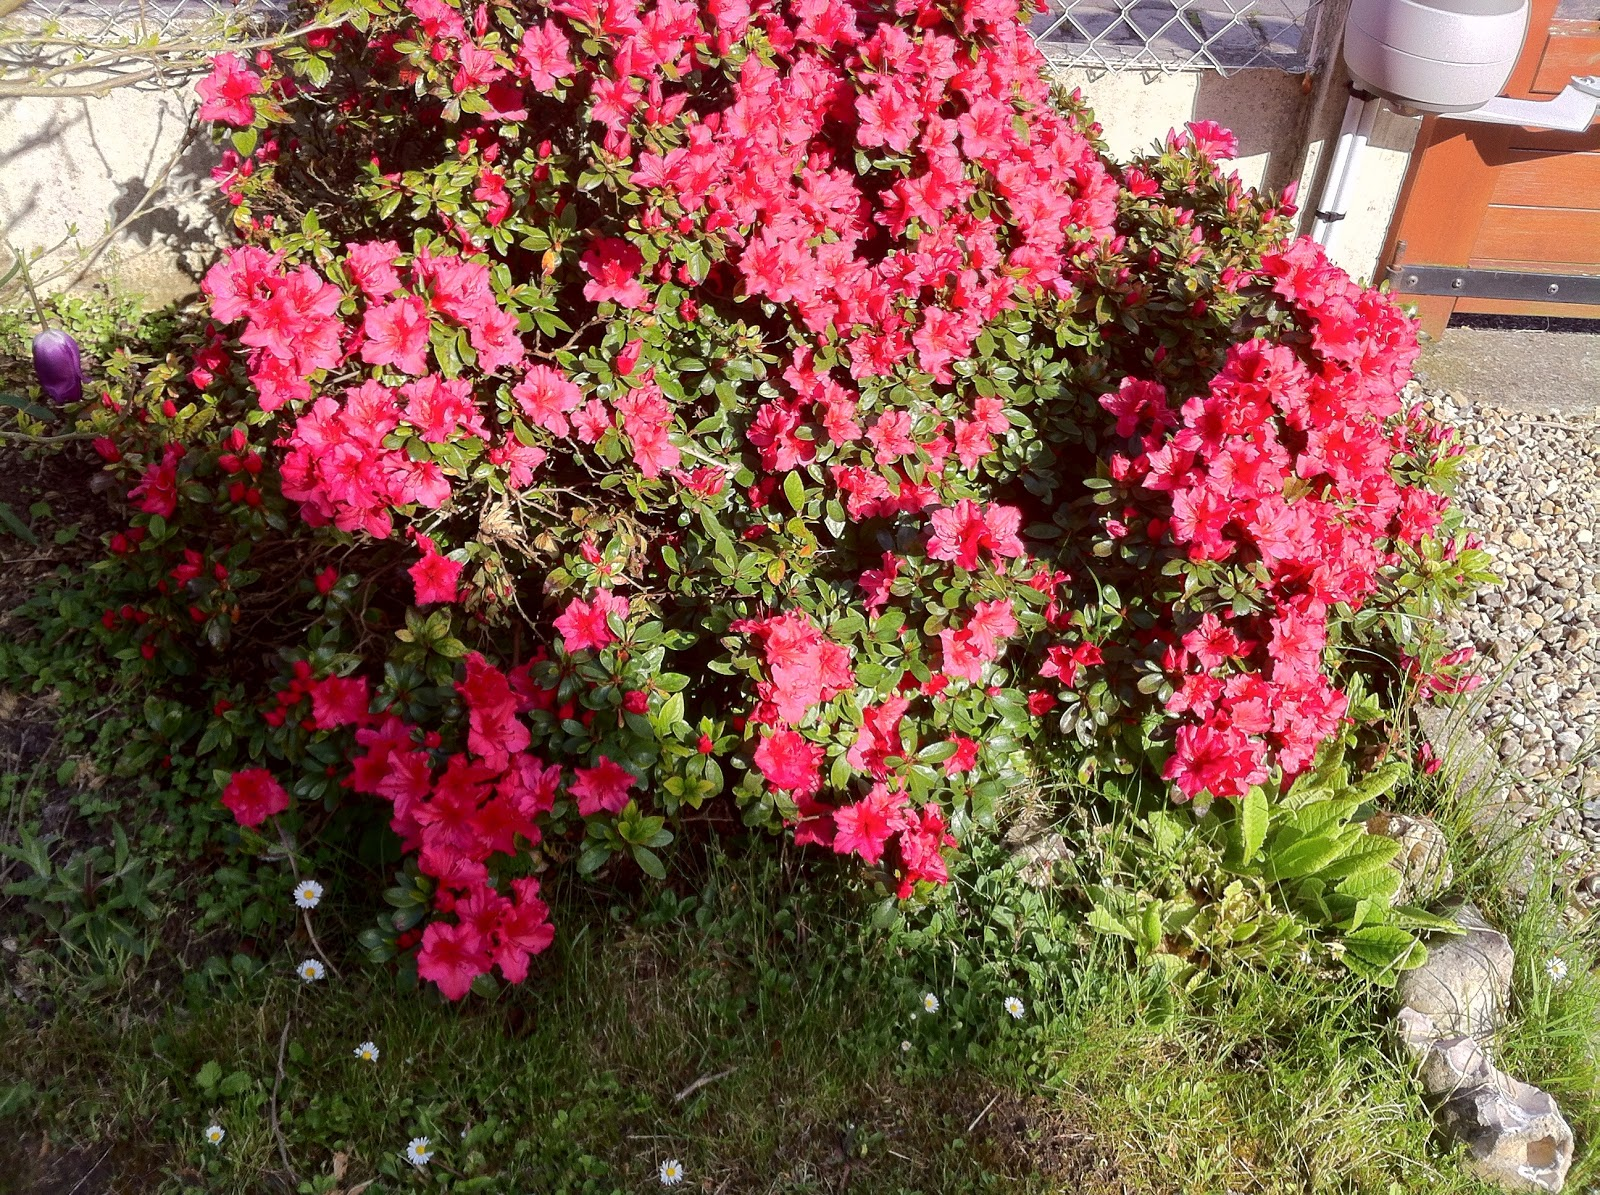 Mon jardin imparfait for Le jardin imparfait